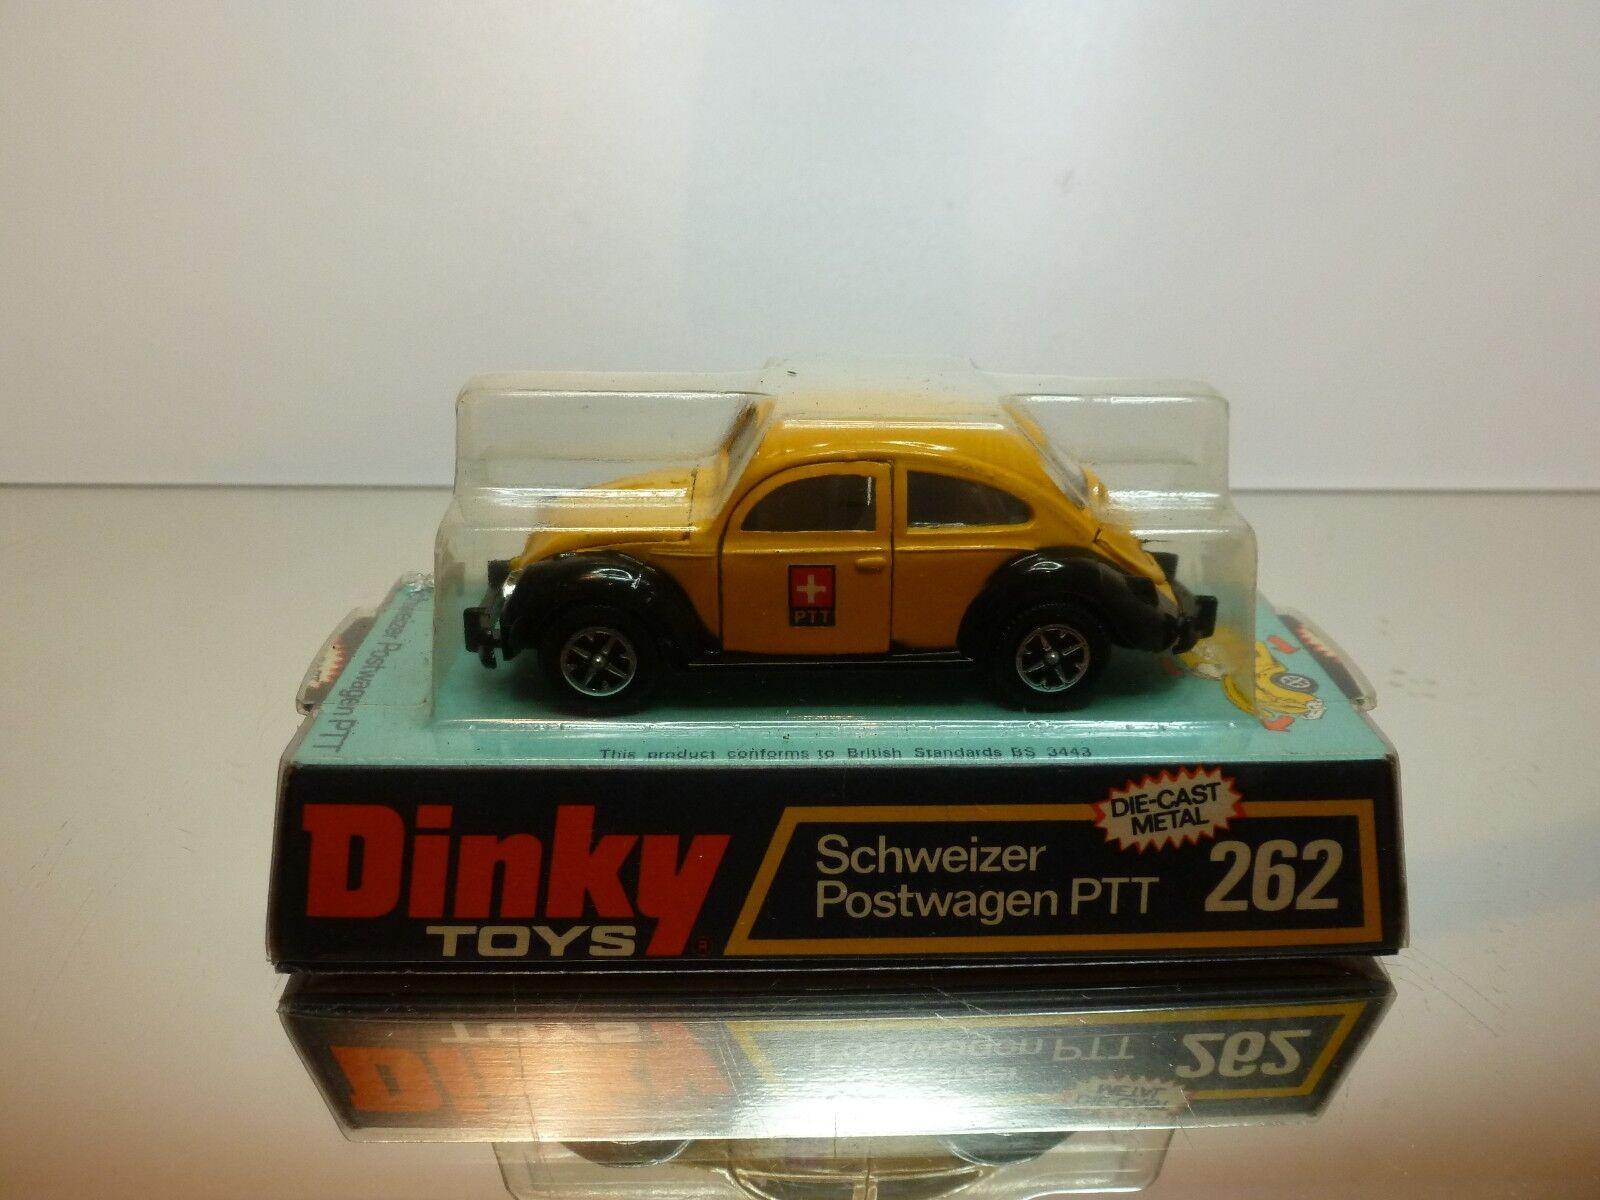 DINKY TOYS 262 VW VOLKSWAGEN BEETLE PTT SCHWEIZER POSTWAGEN - 1 43 - VERY GOOD